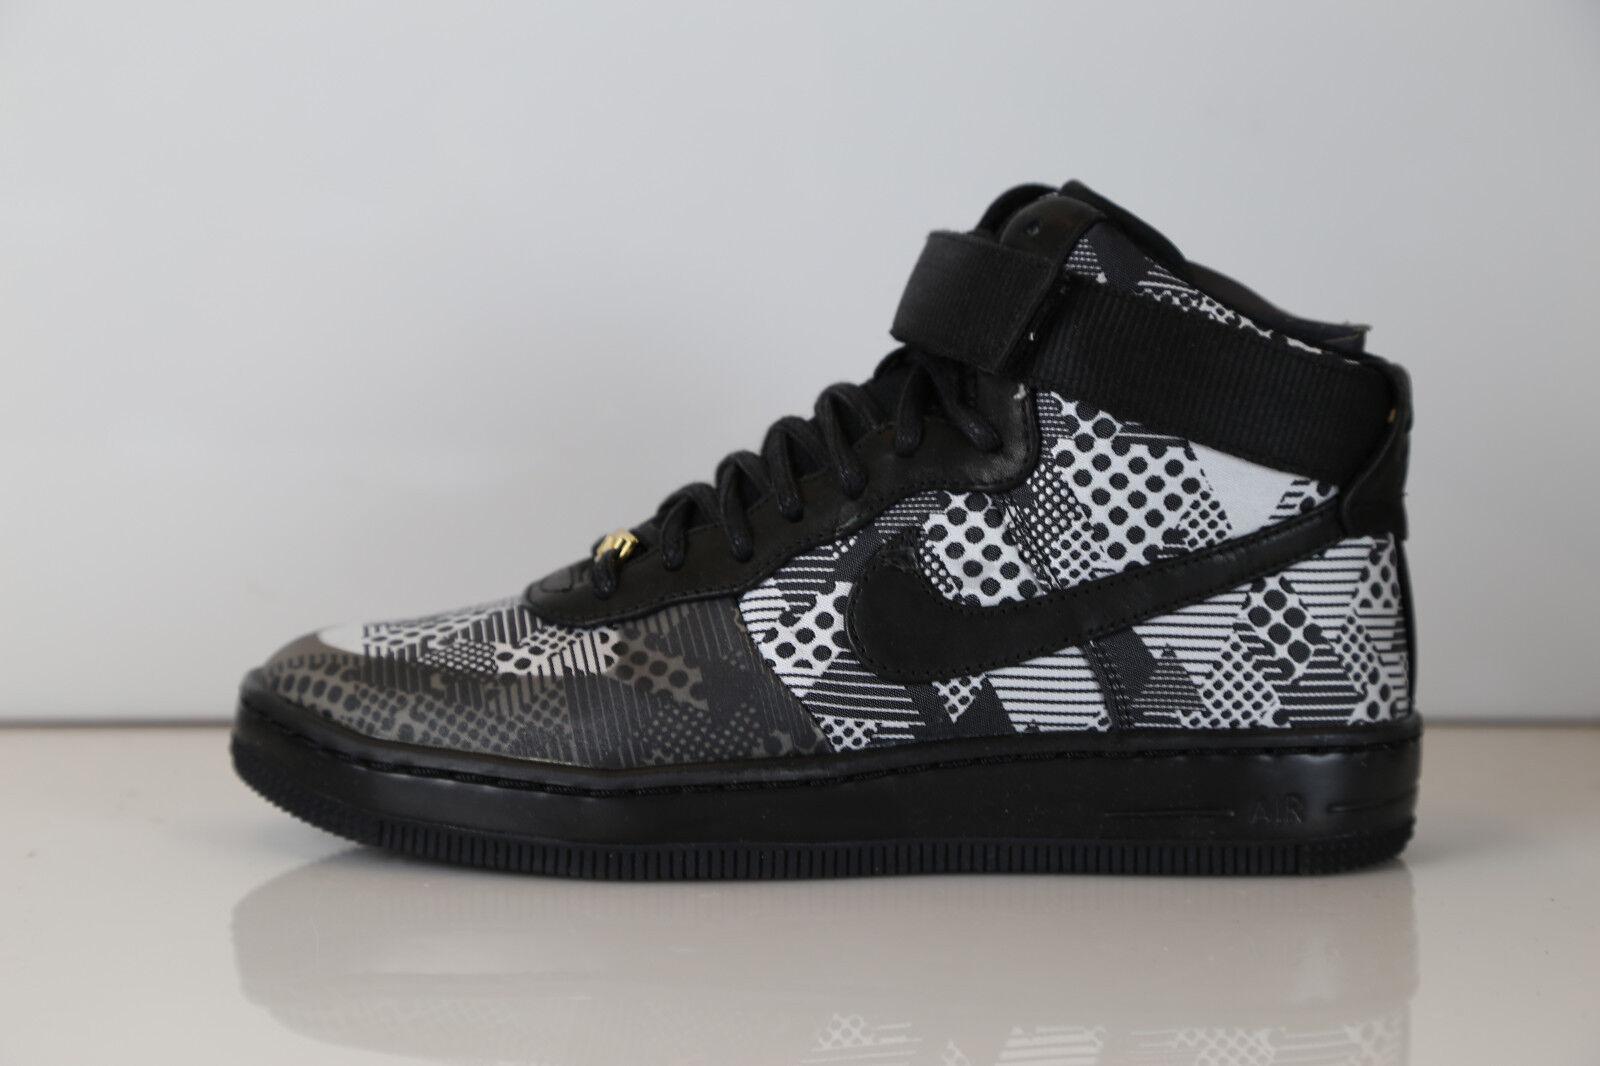 Nike Femme AF1 Ultra Obliger BHM noir History QS 717464-001 6.5-10 3  air